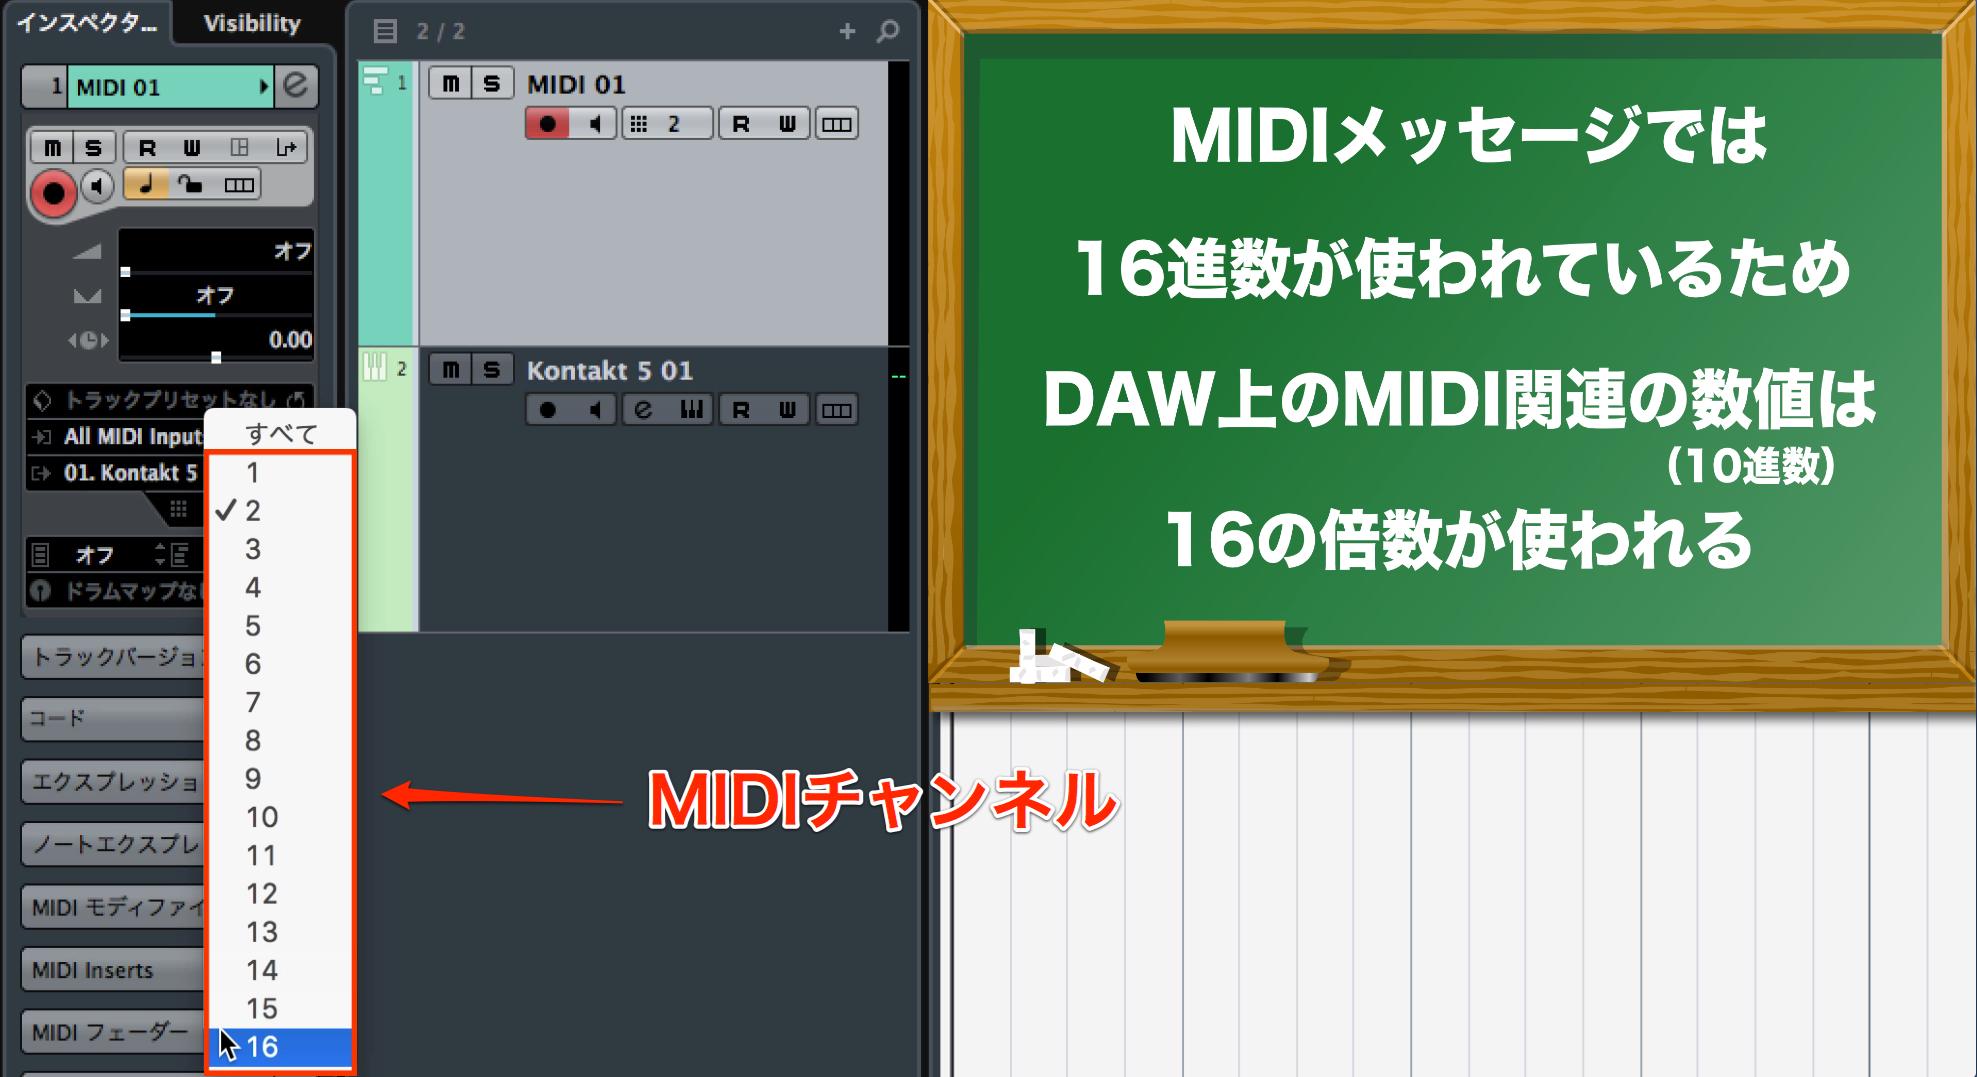 MIDIの数値_1